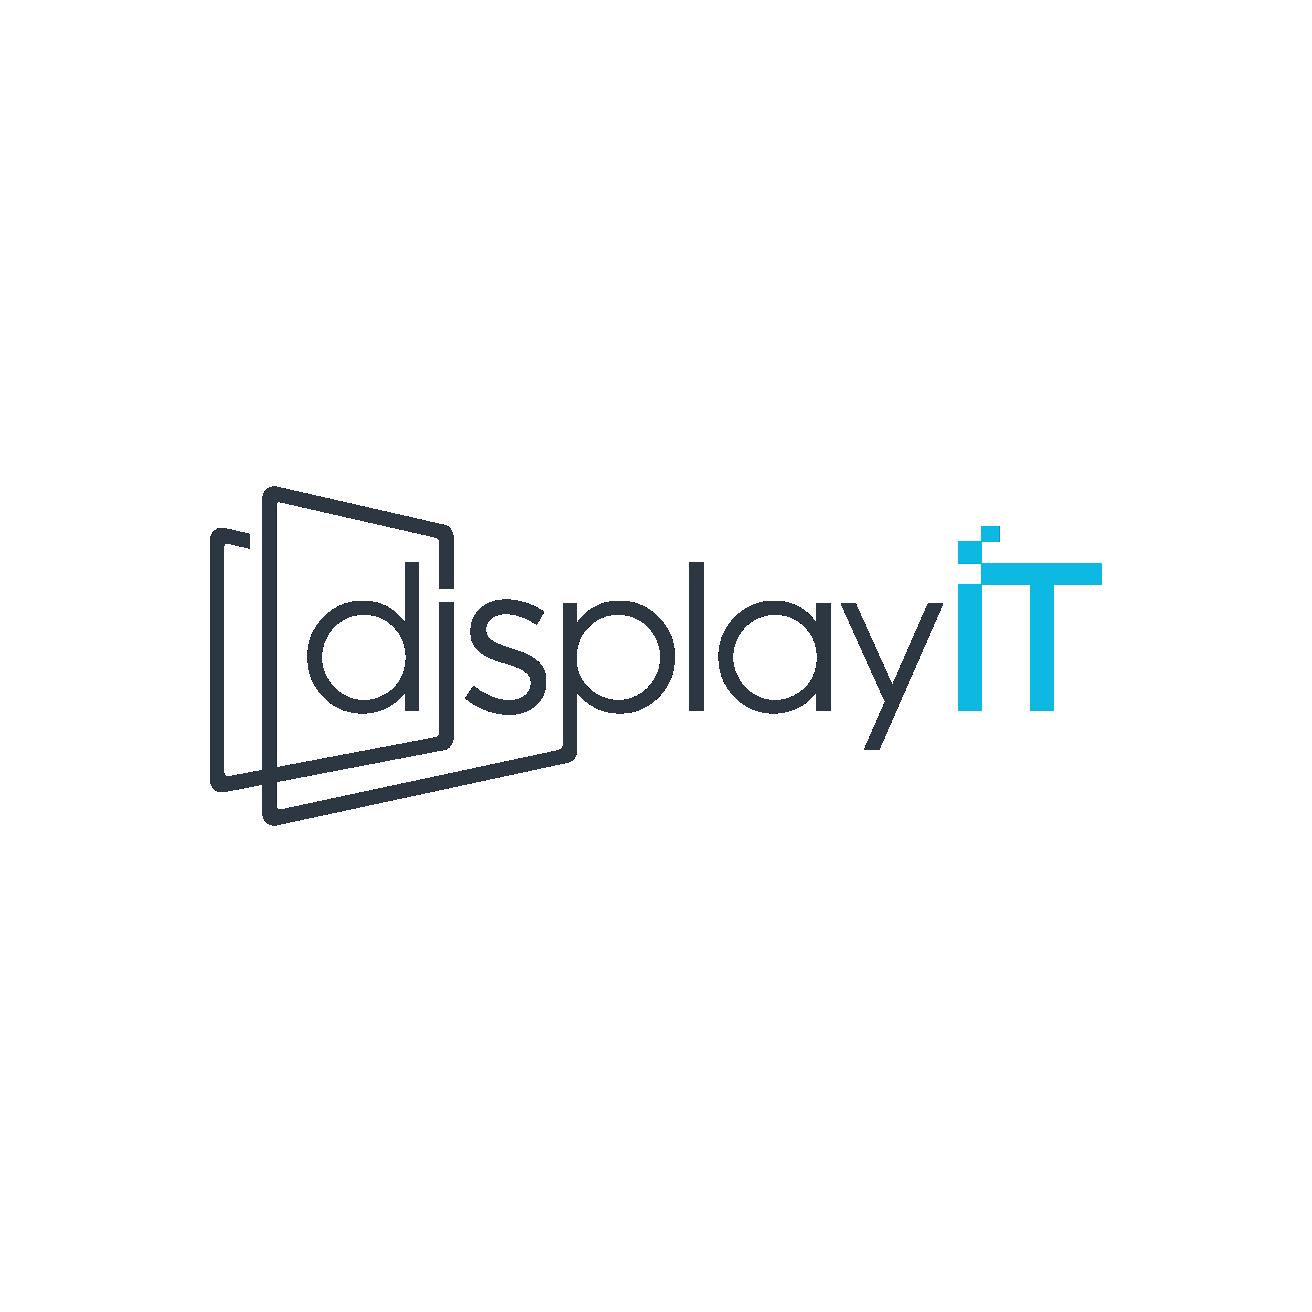 Digital signage platform logo and banners